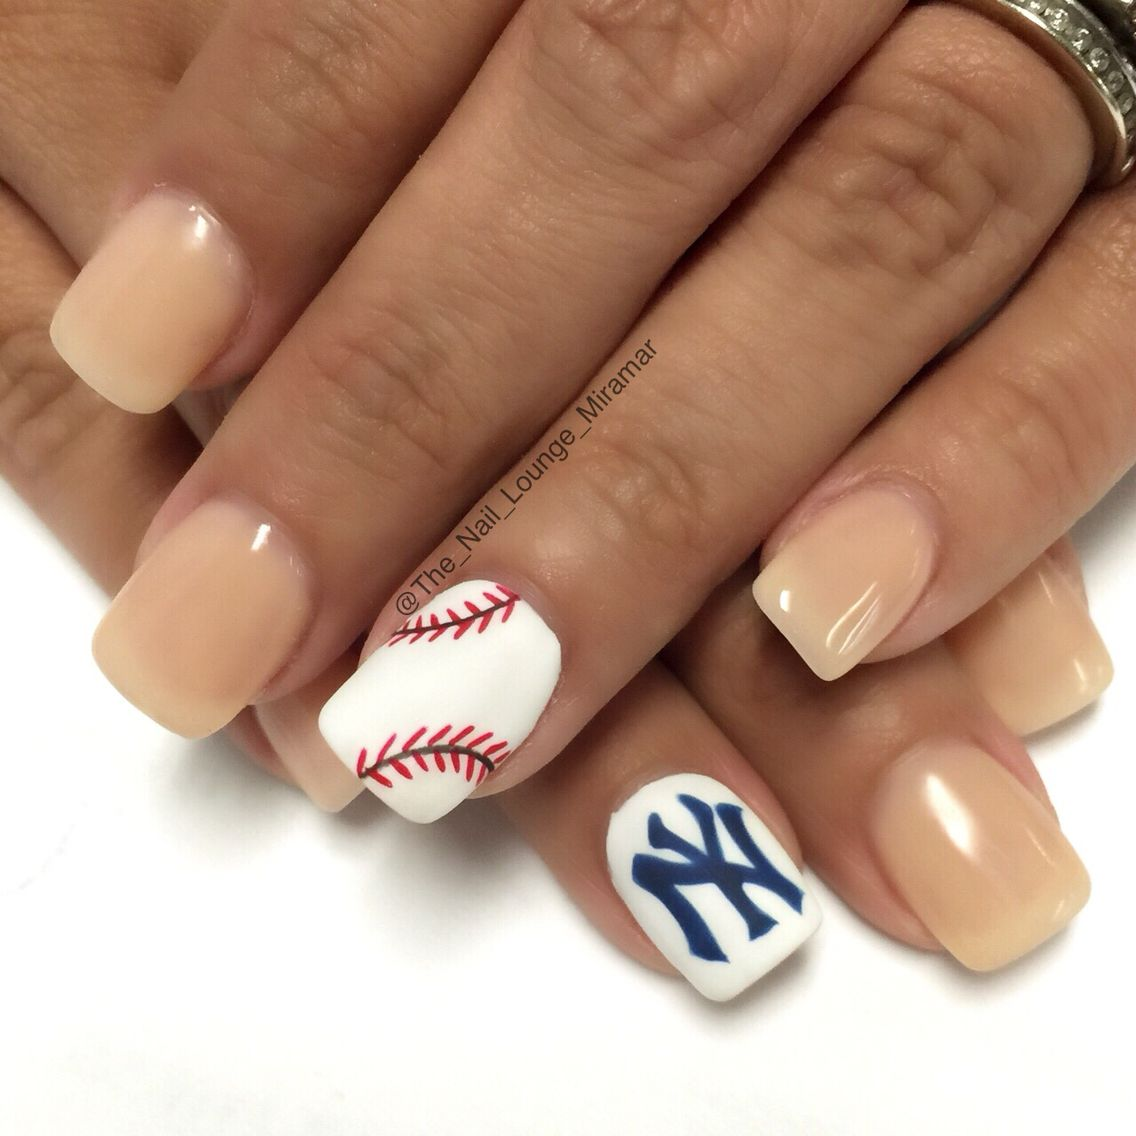 Sport New York NY Yankees baseball nail art design | Nail Art ...